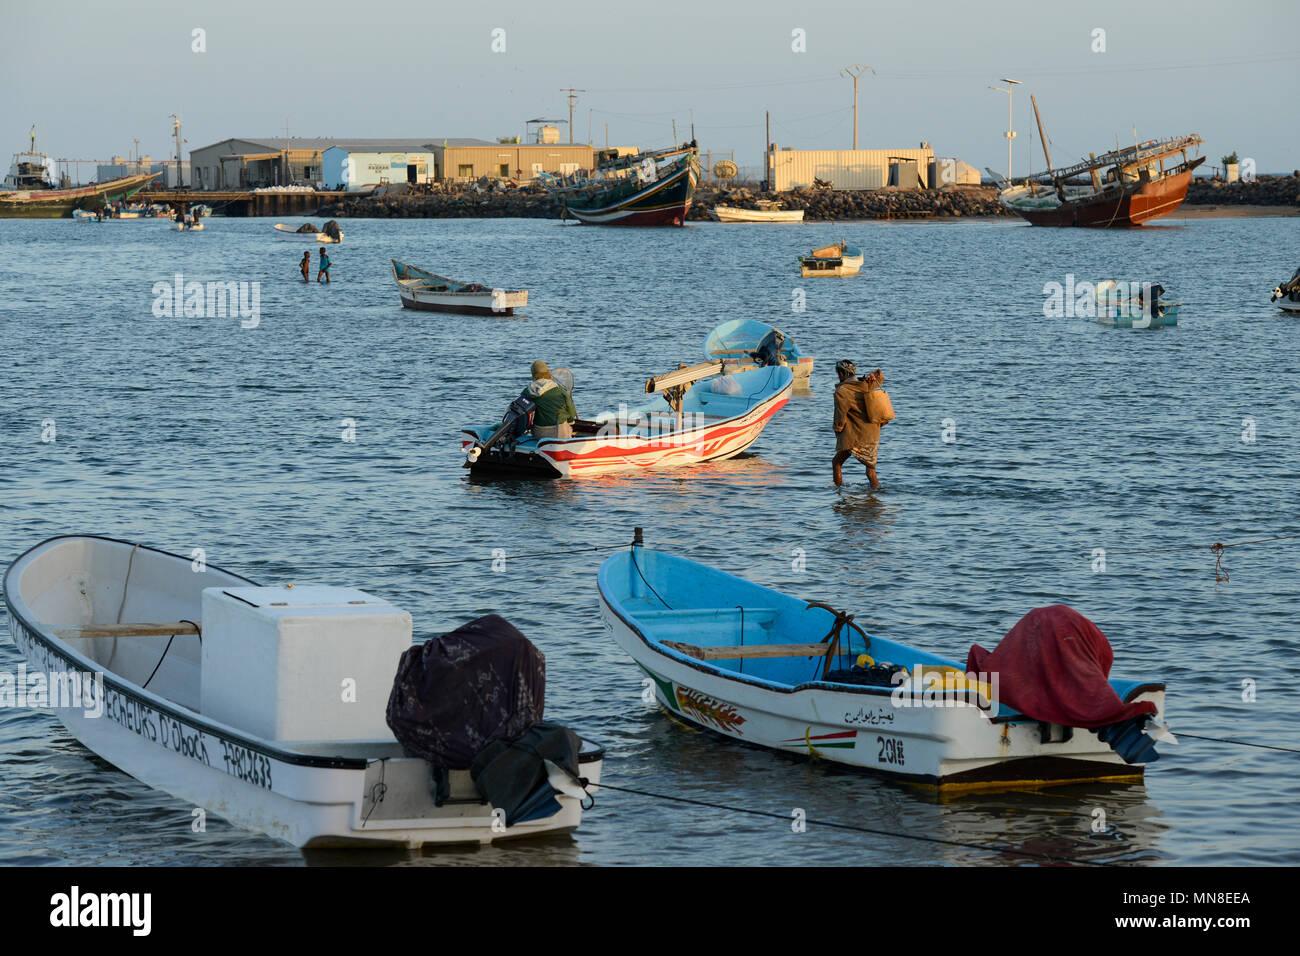 Gibuti , Obock, da qui i migranti etiope tentano di attraversare i Bab el Mandeb in barca nello Yemen per andare su in Arabia Saudita o in Europa / DSCHIBUTI, Obock, Meerenge Bab el Mandeb, Mit Hilfe von Schleppern aethiopische Migranten versuchen hier nach Jemen ueberzusetzen, um weiter nach Saudi Arabien oder Europa zu gelangen Immagini Stock